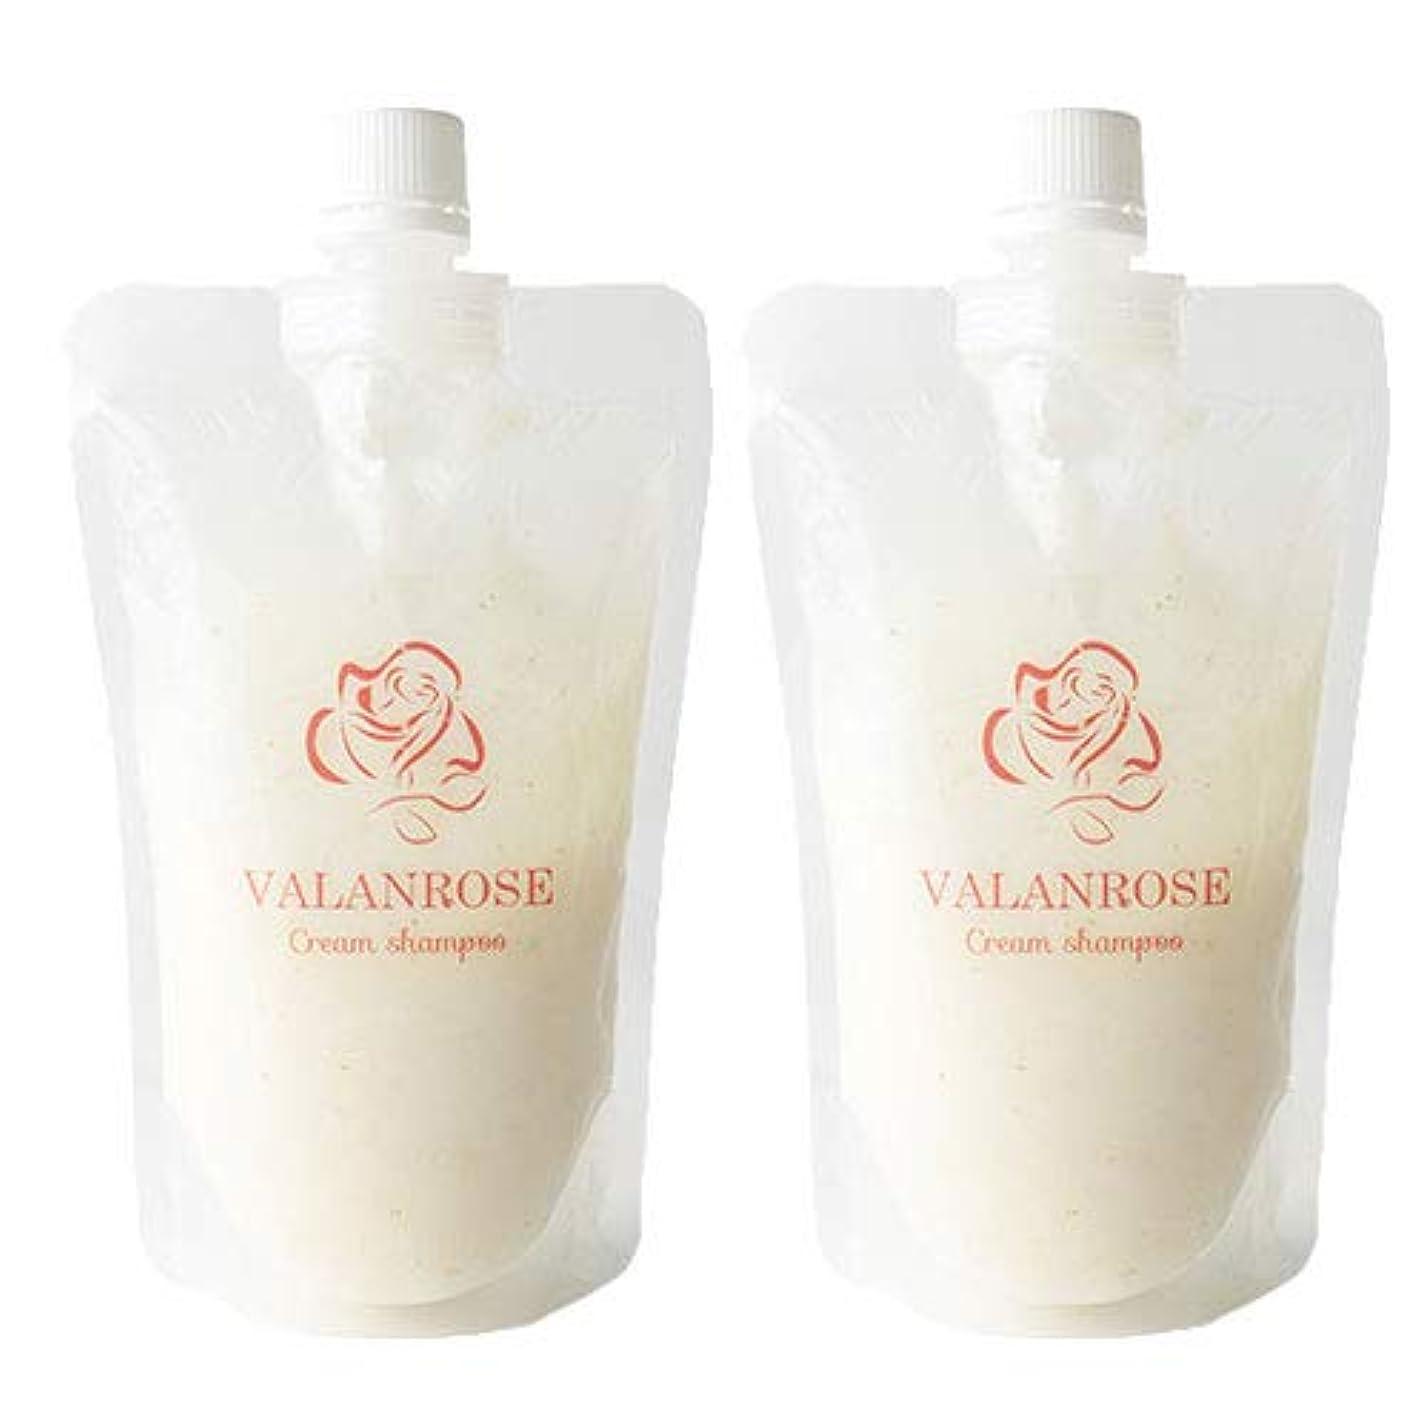 ダンプベイビー風味バランローズ クリームシャンプー2個×1セット VALANROSE Cream shampoo/シャンプー クリームシャンプー 髪 ヘアケア